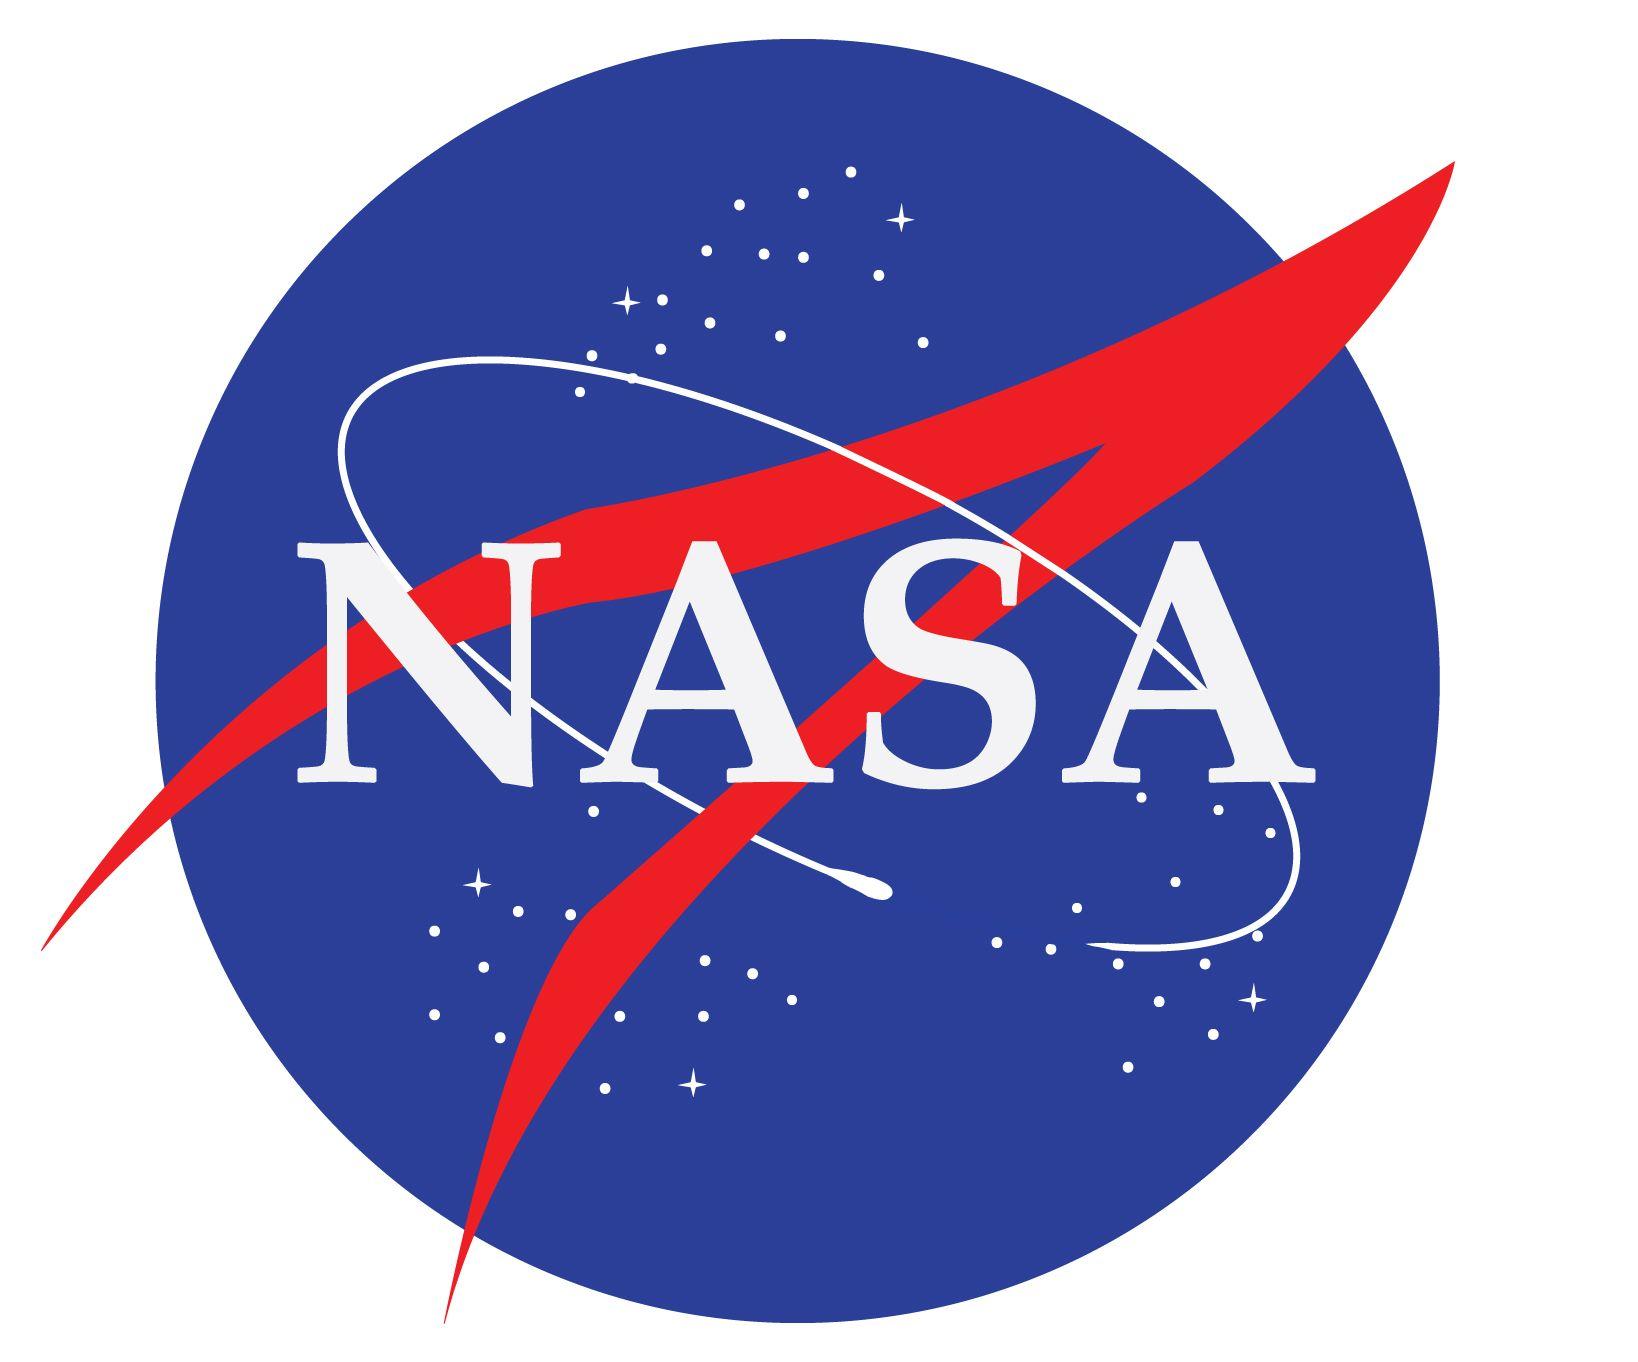 nasa logo design history and evolution logorealm com nasa